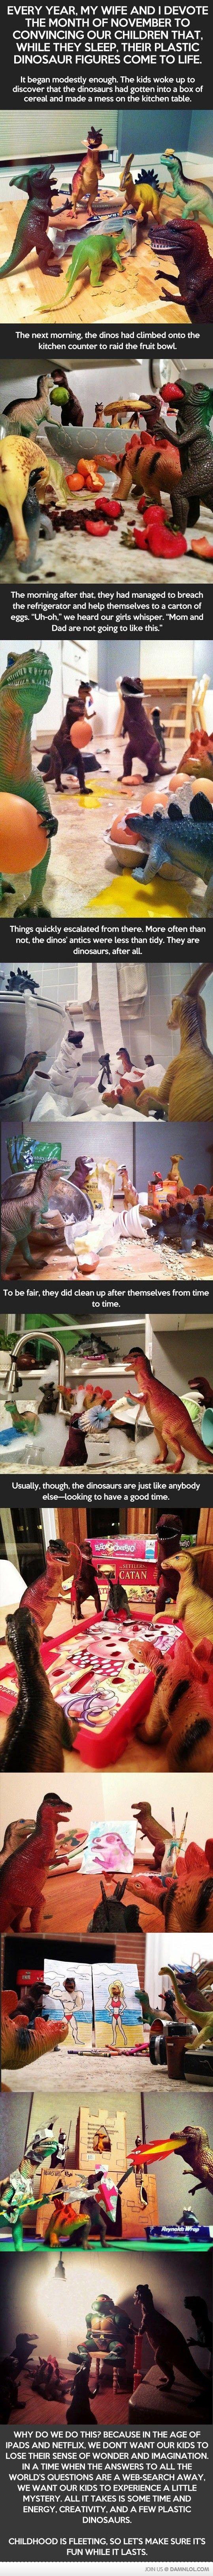 Best parenting ever...